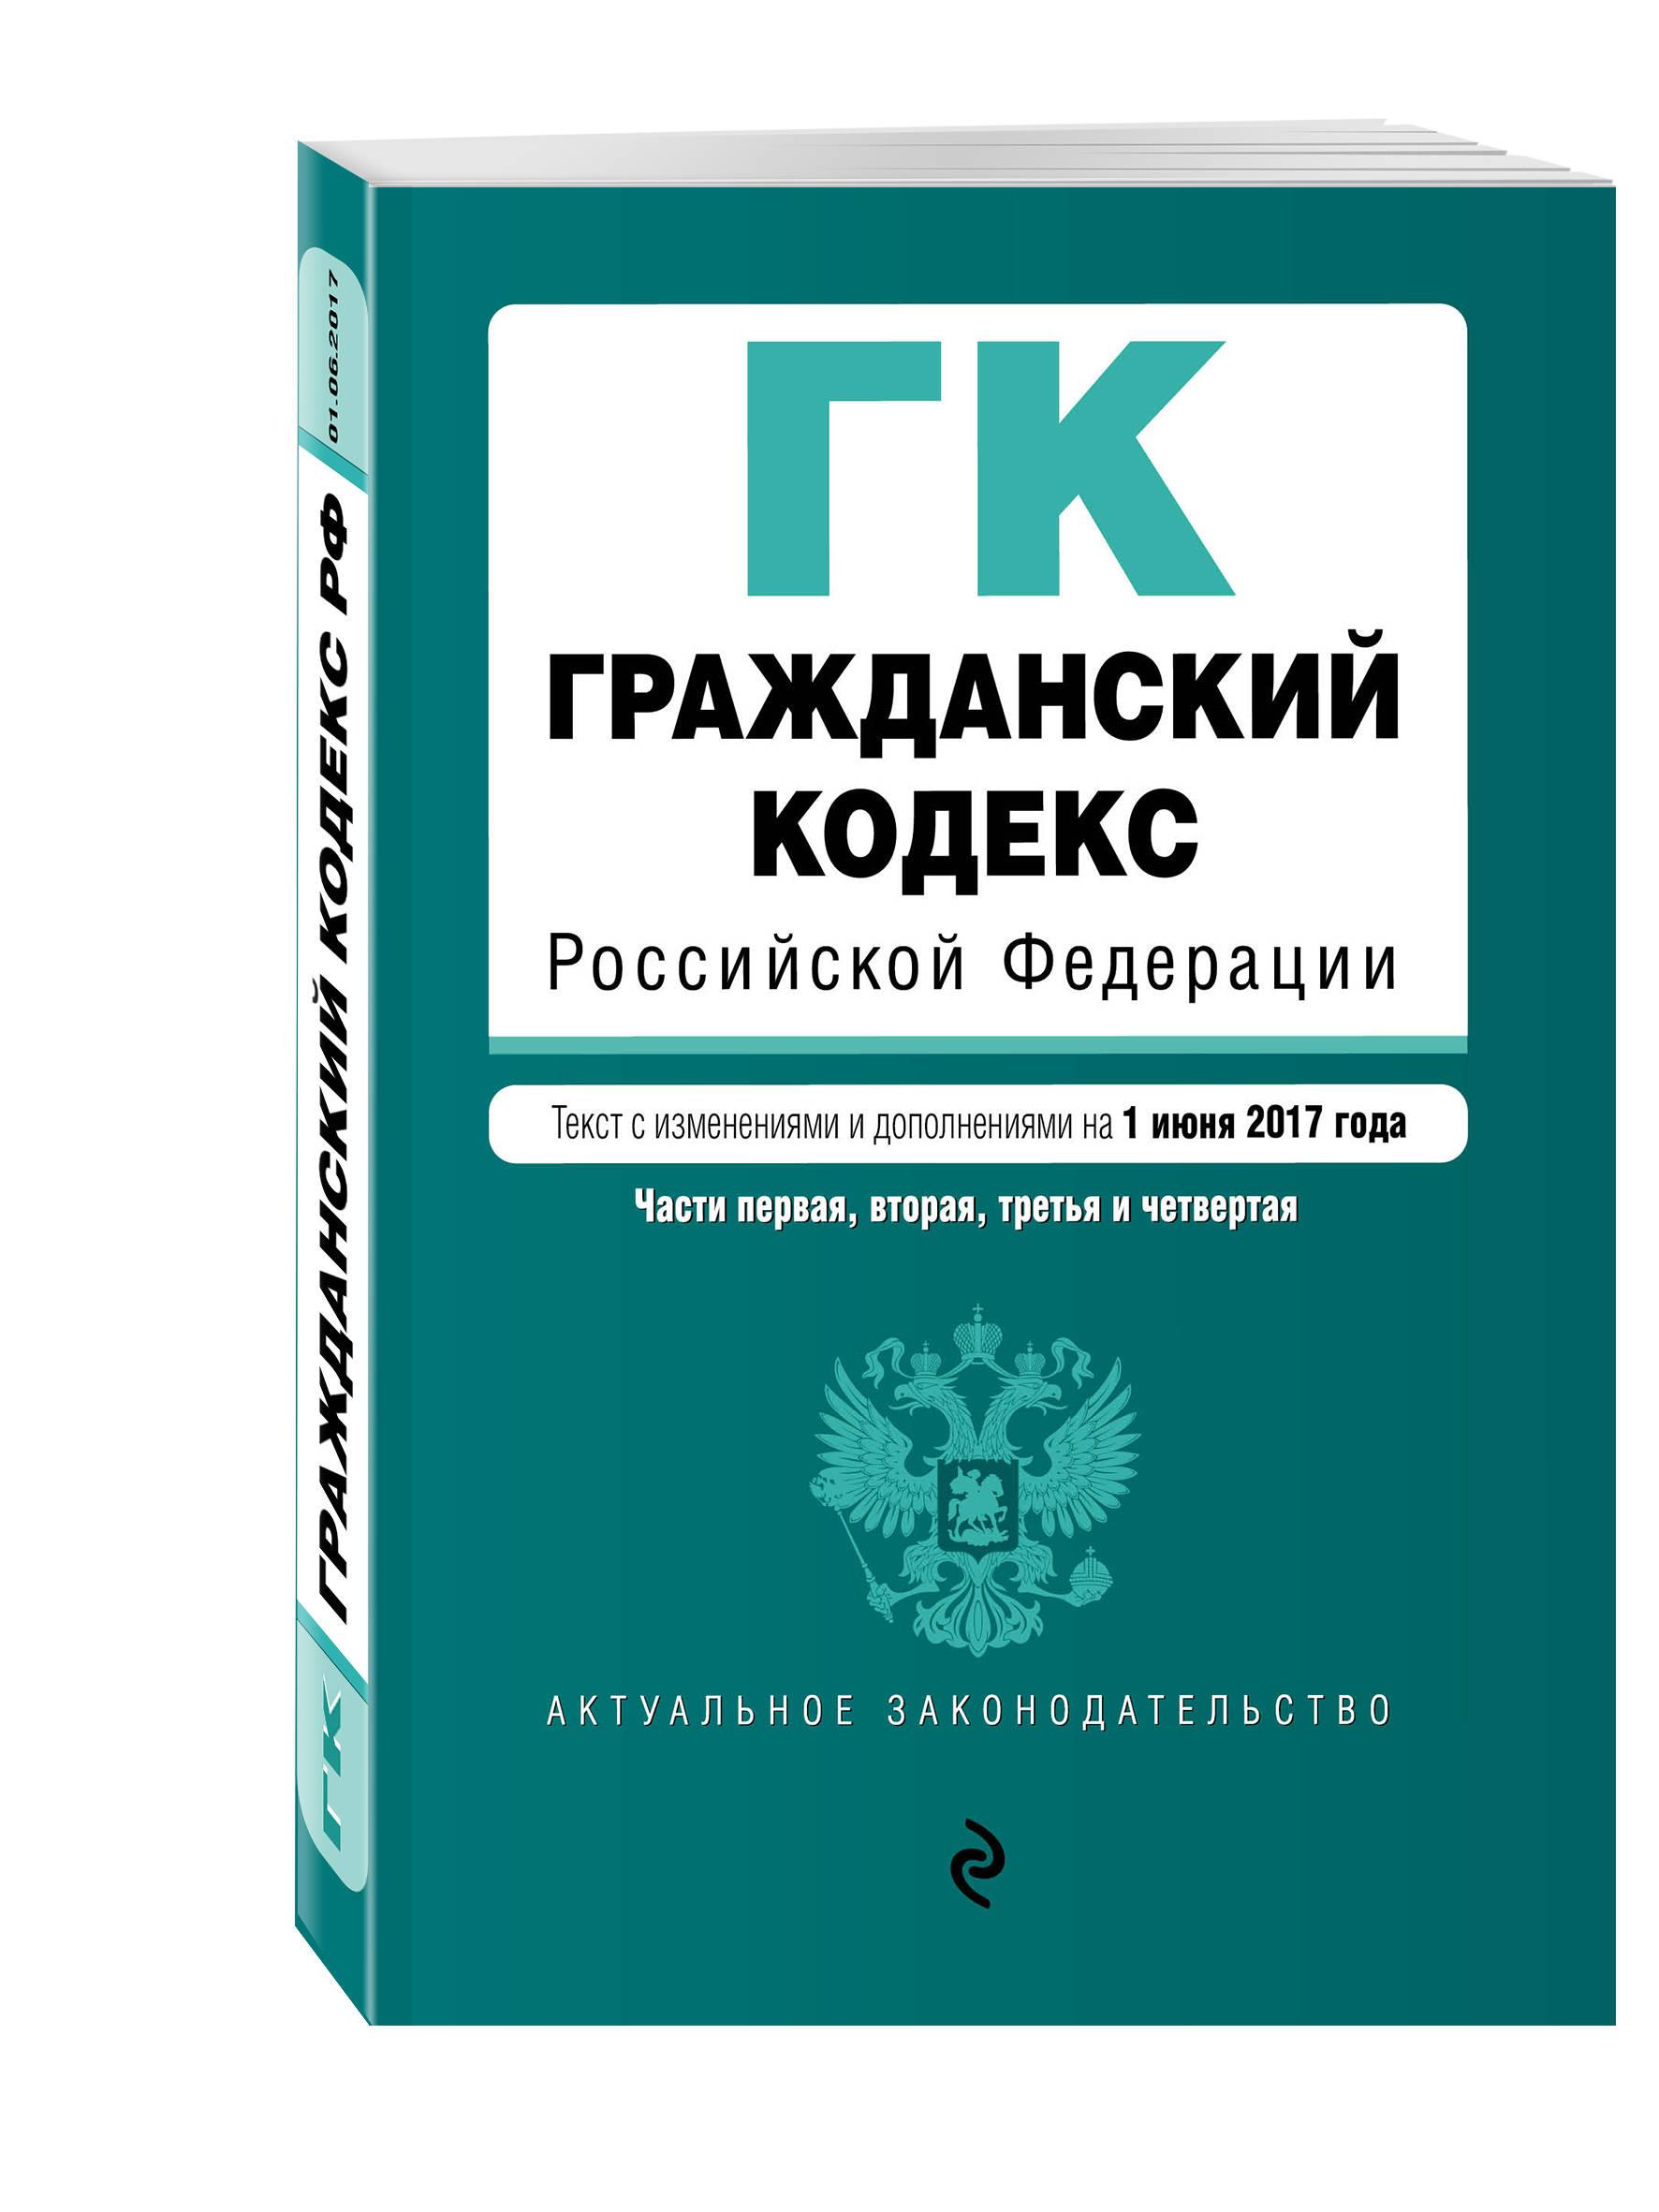 Гражданский кодекс Российской Федерации. Части первая, вторая, третья и четвертая : текст с изм. и доп. на 1 июня 2017 г.